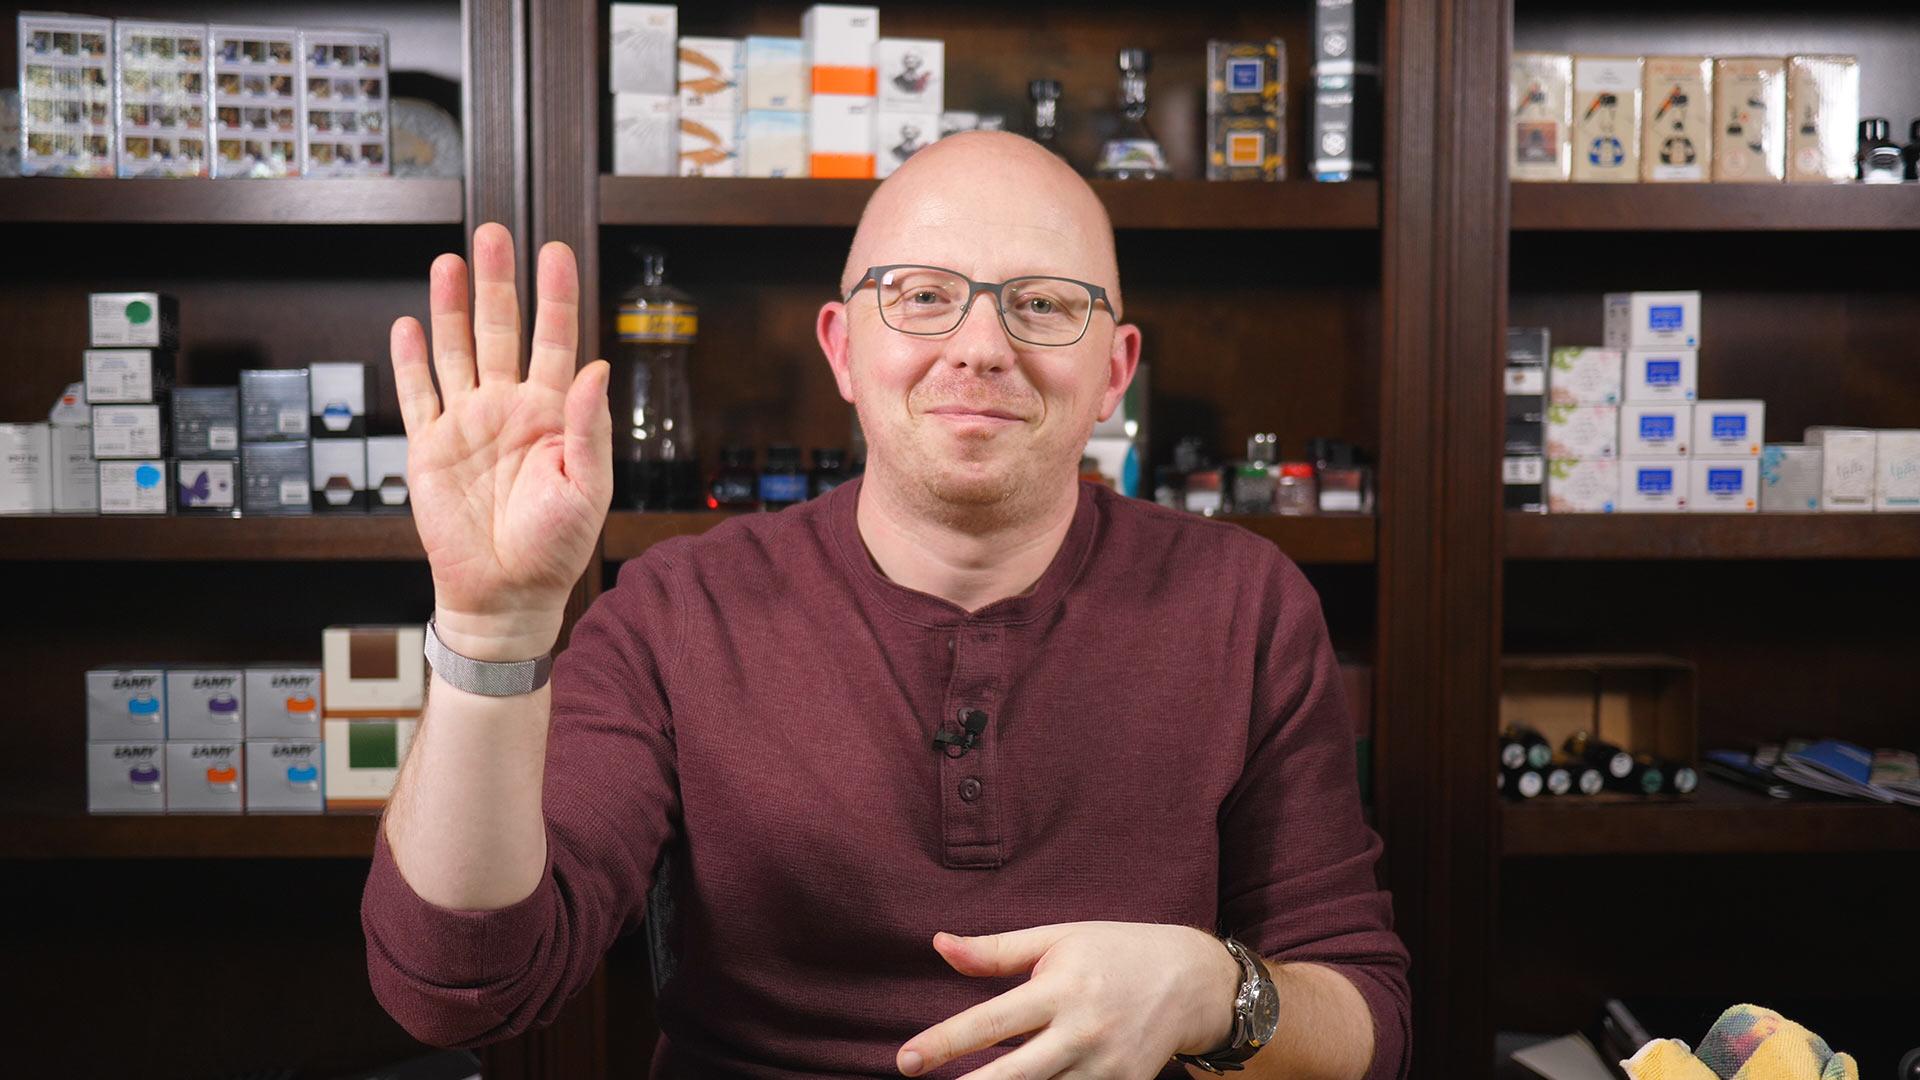 Inky Fingers